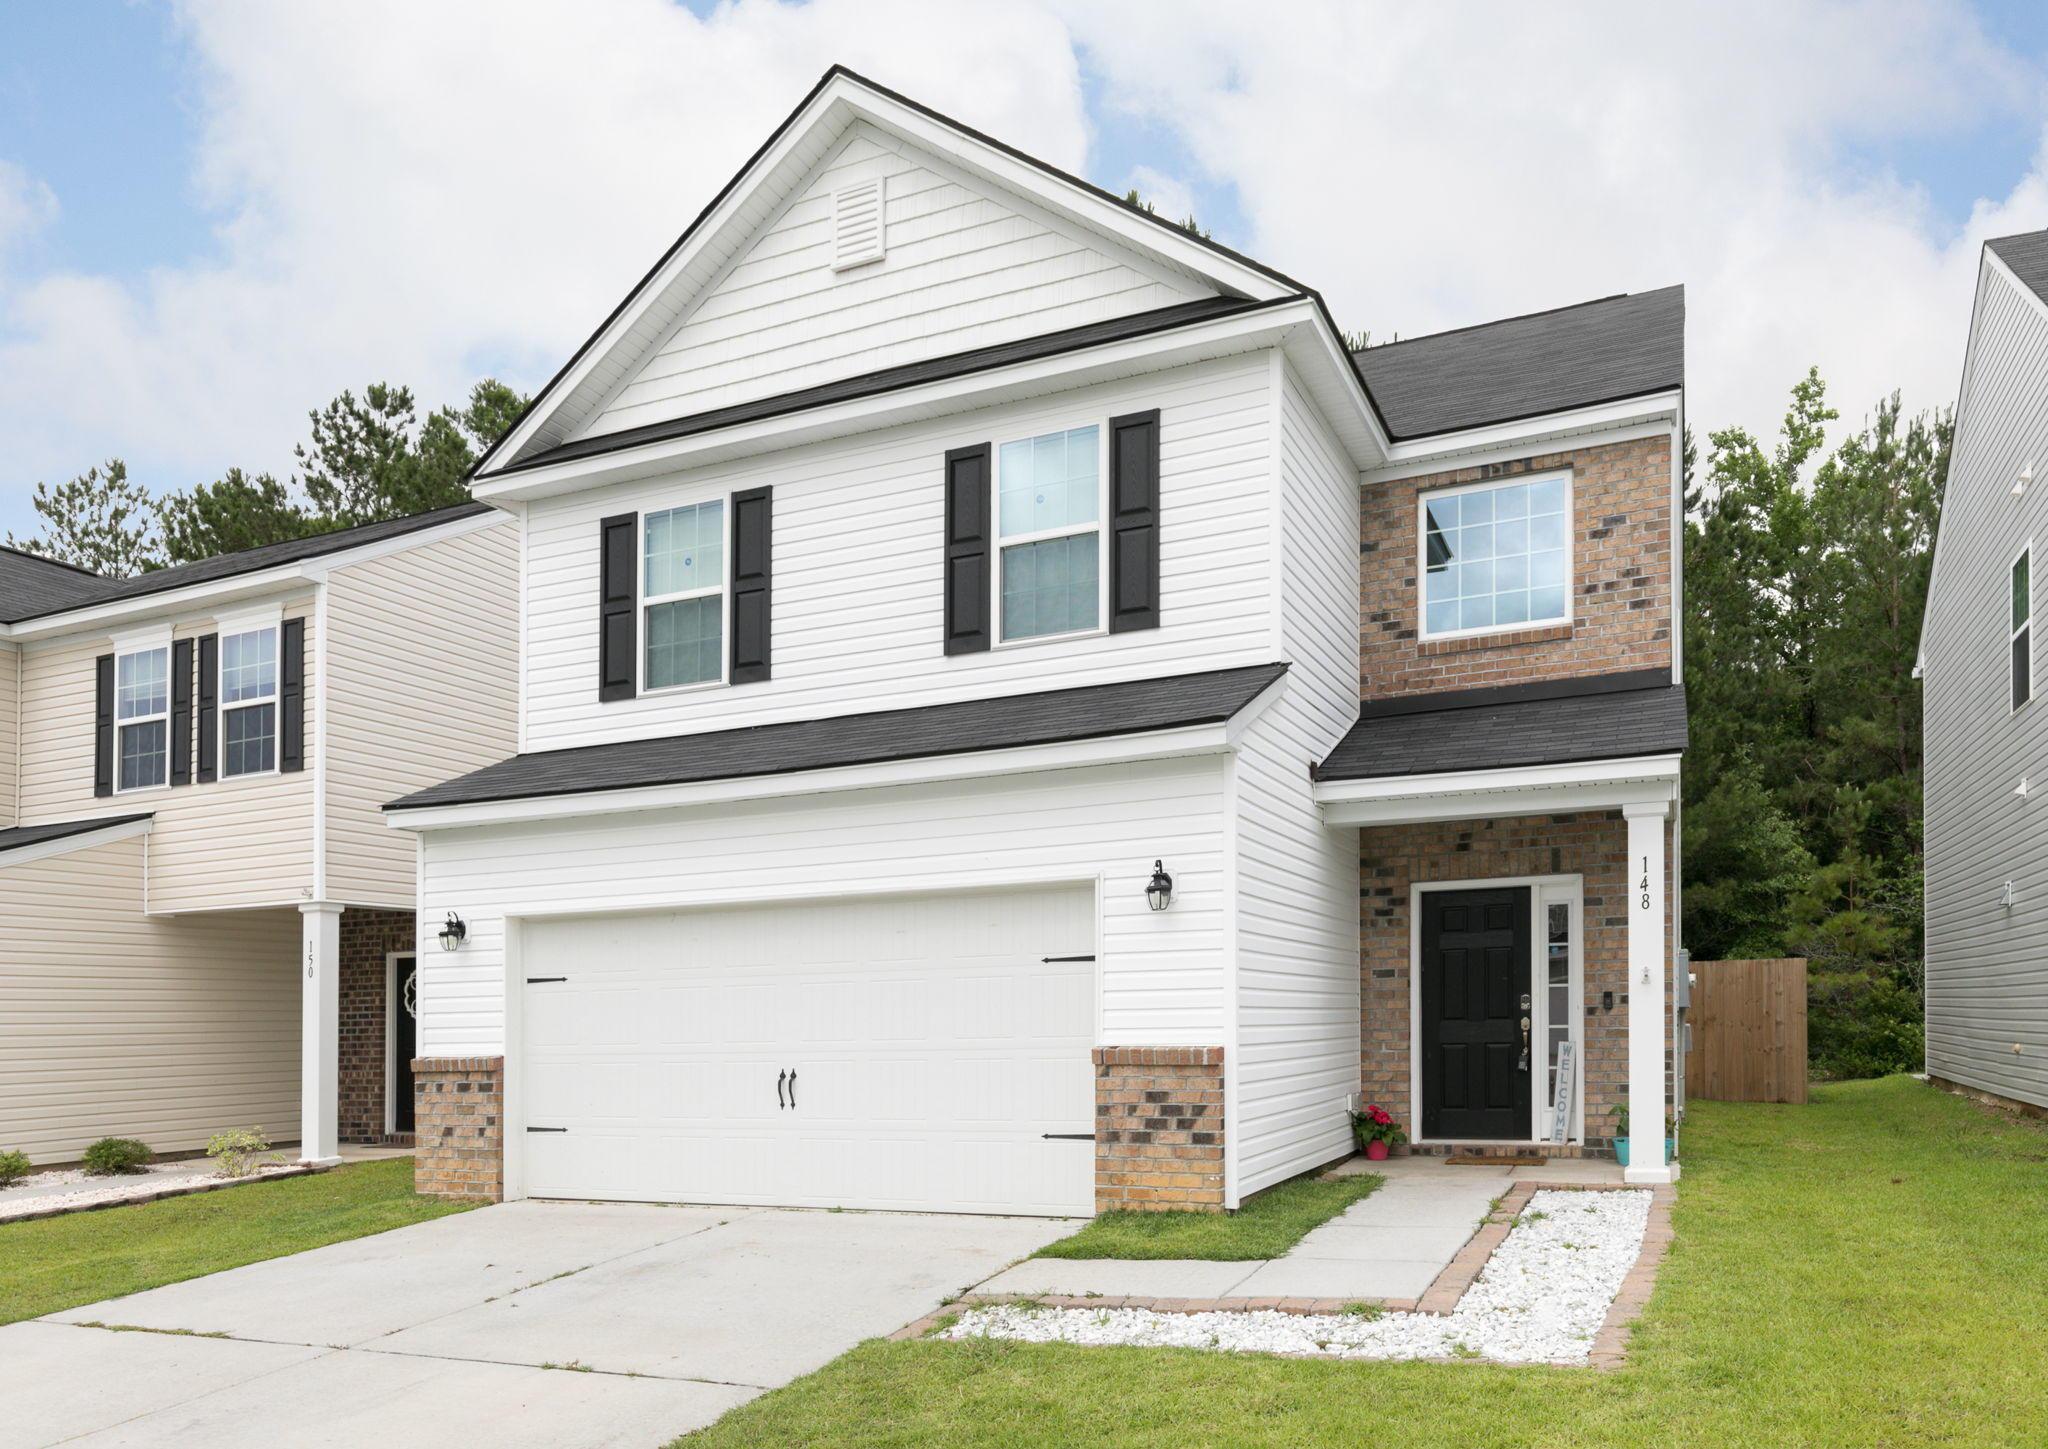 148 Longford Drive Summerville, SC 29483